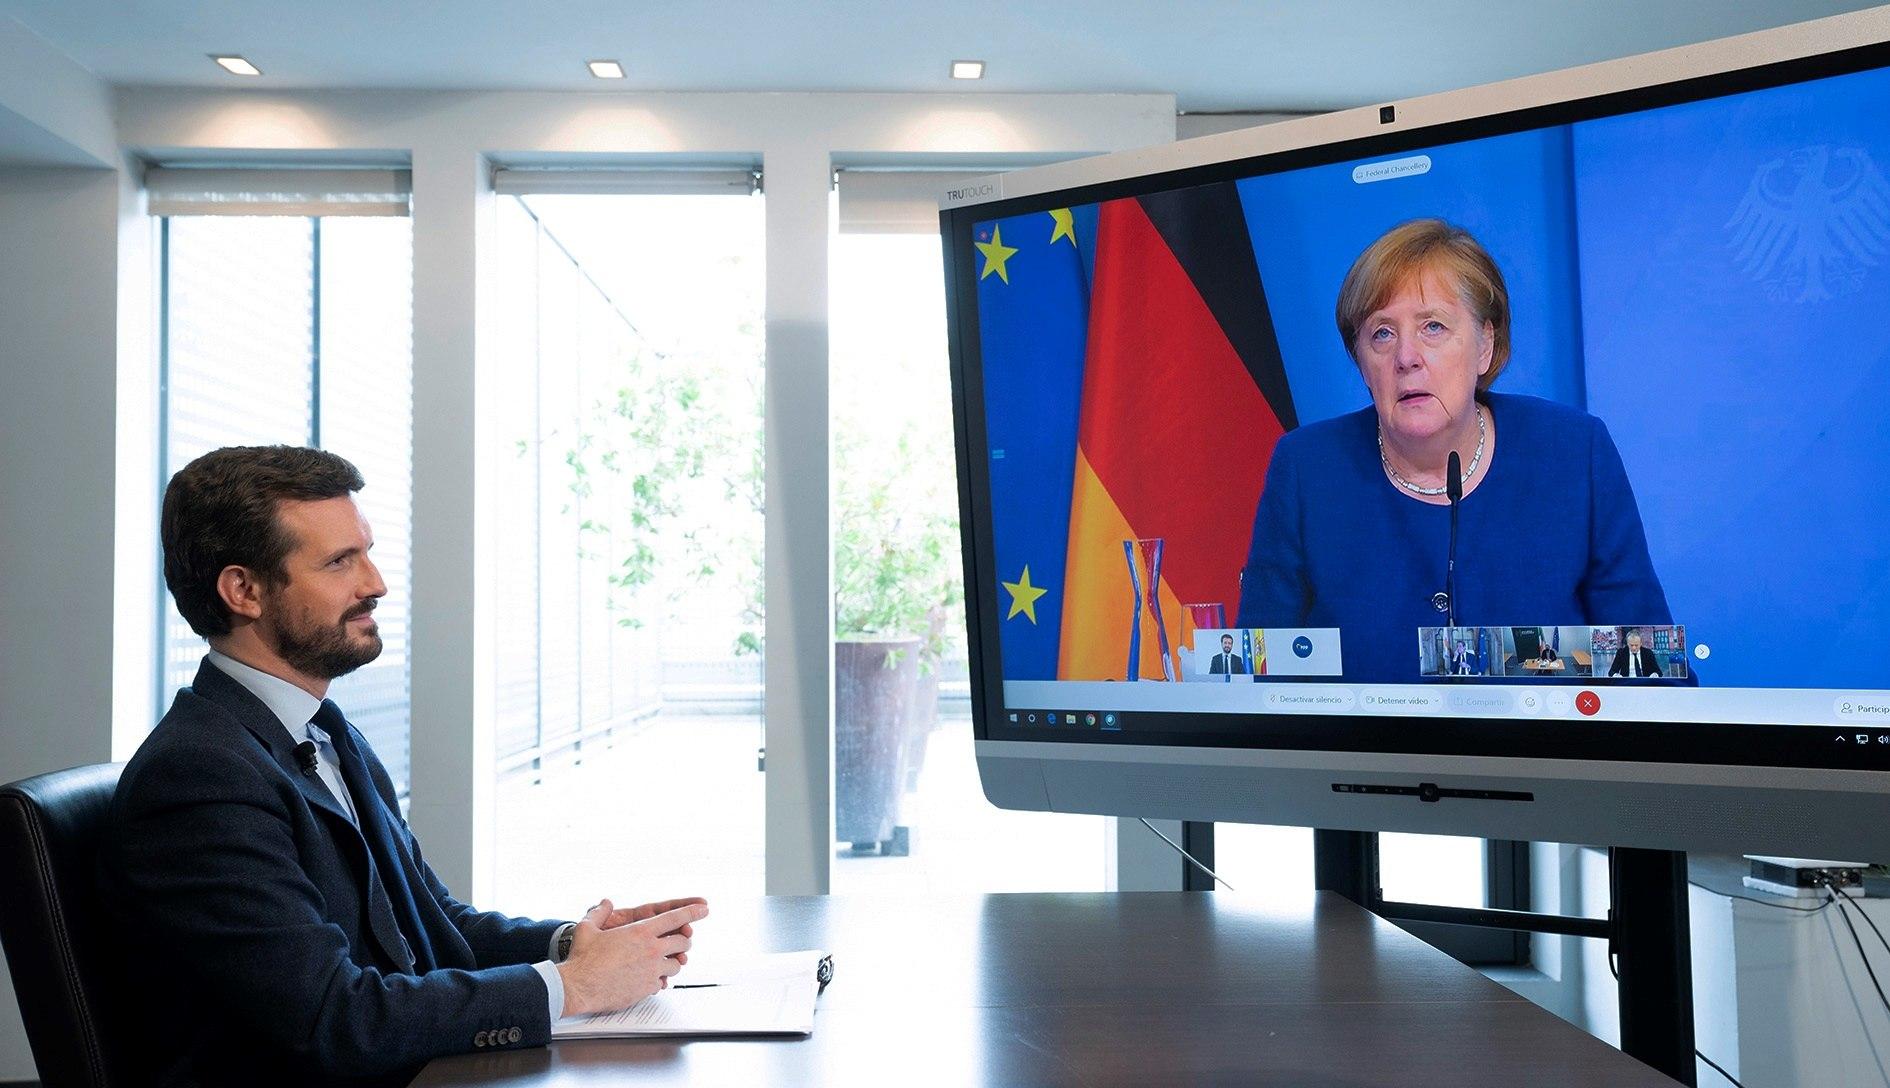 El presidente del Partido Popular, Pablo Casado, escuchando el pasado jueves la intervención de la canciller alemana Angela Merkel la Cumbre telemática de líderes del Partido Popular Europeo